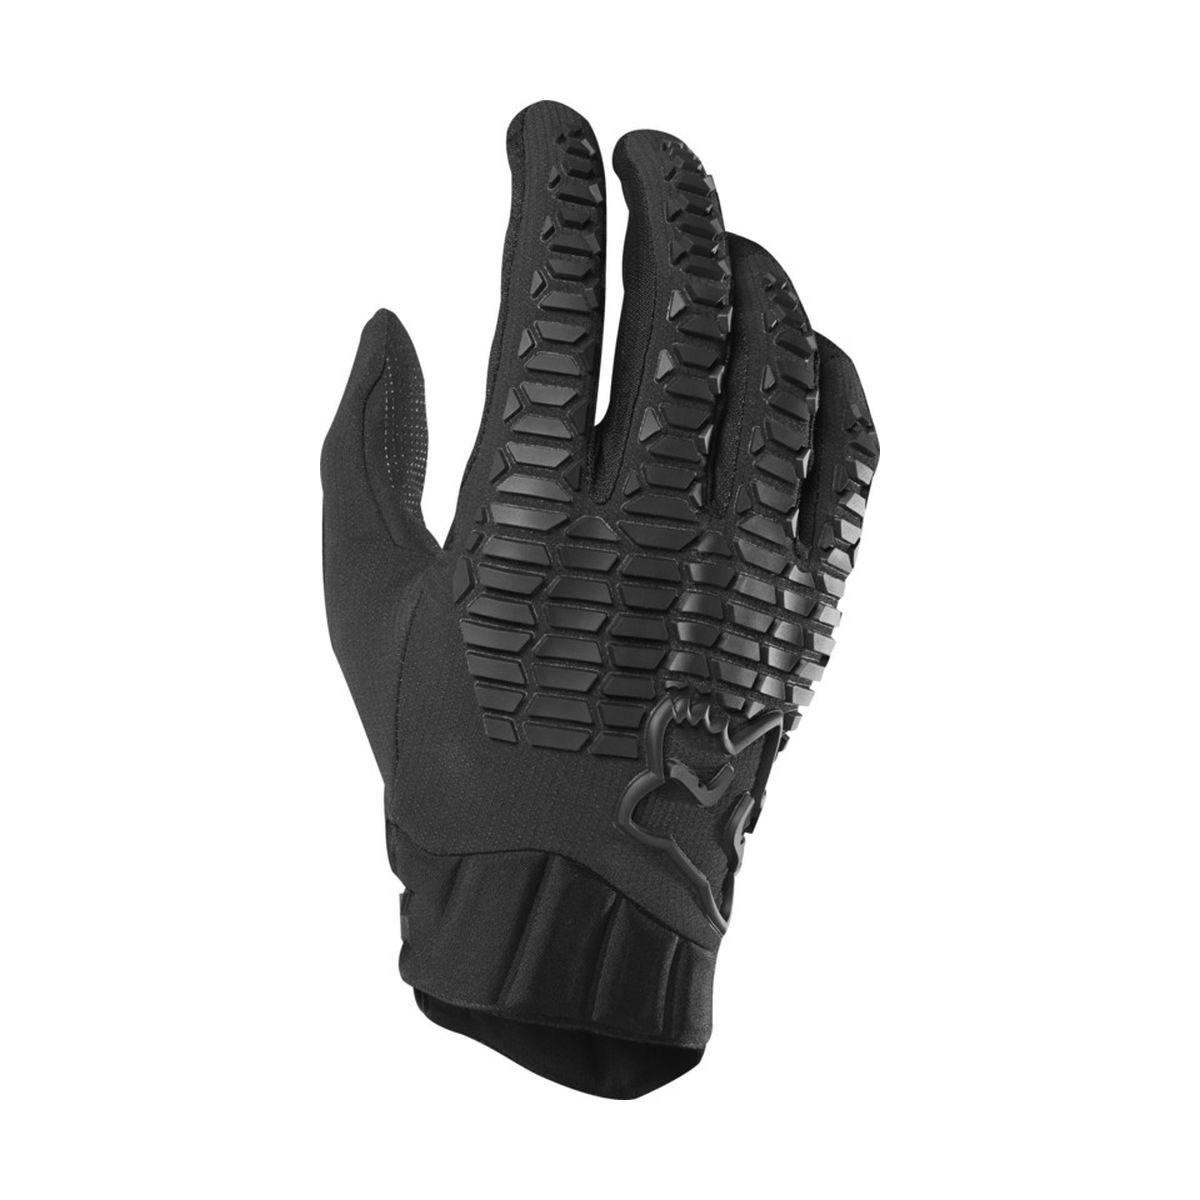 Rękawiczki Fox Defend Black / Black